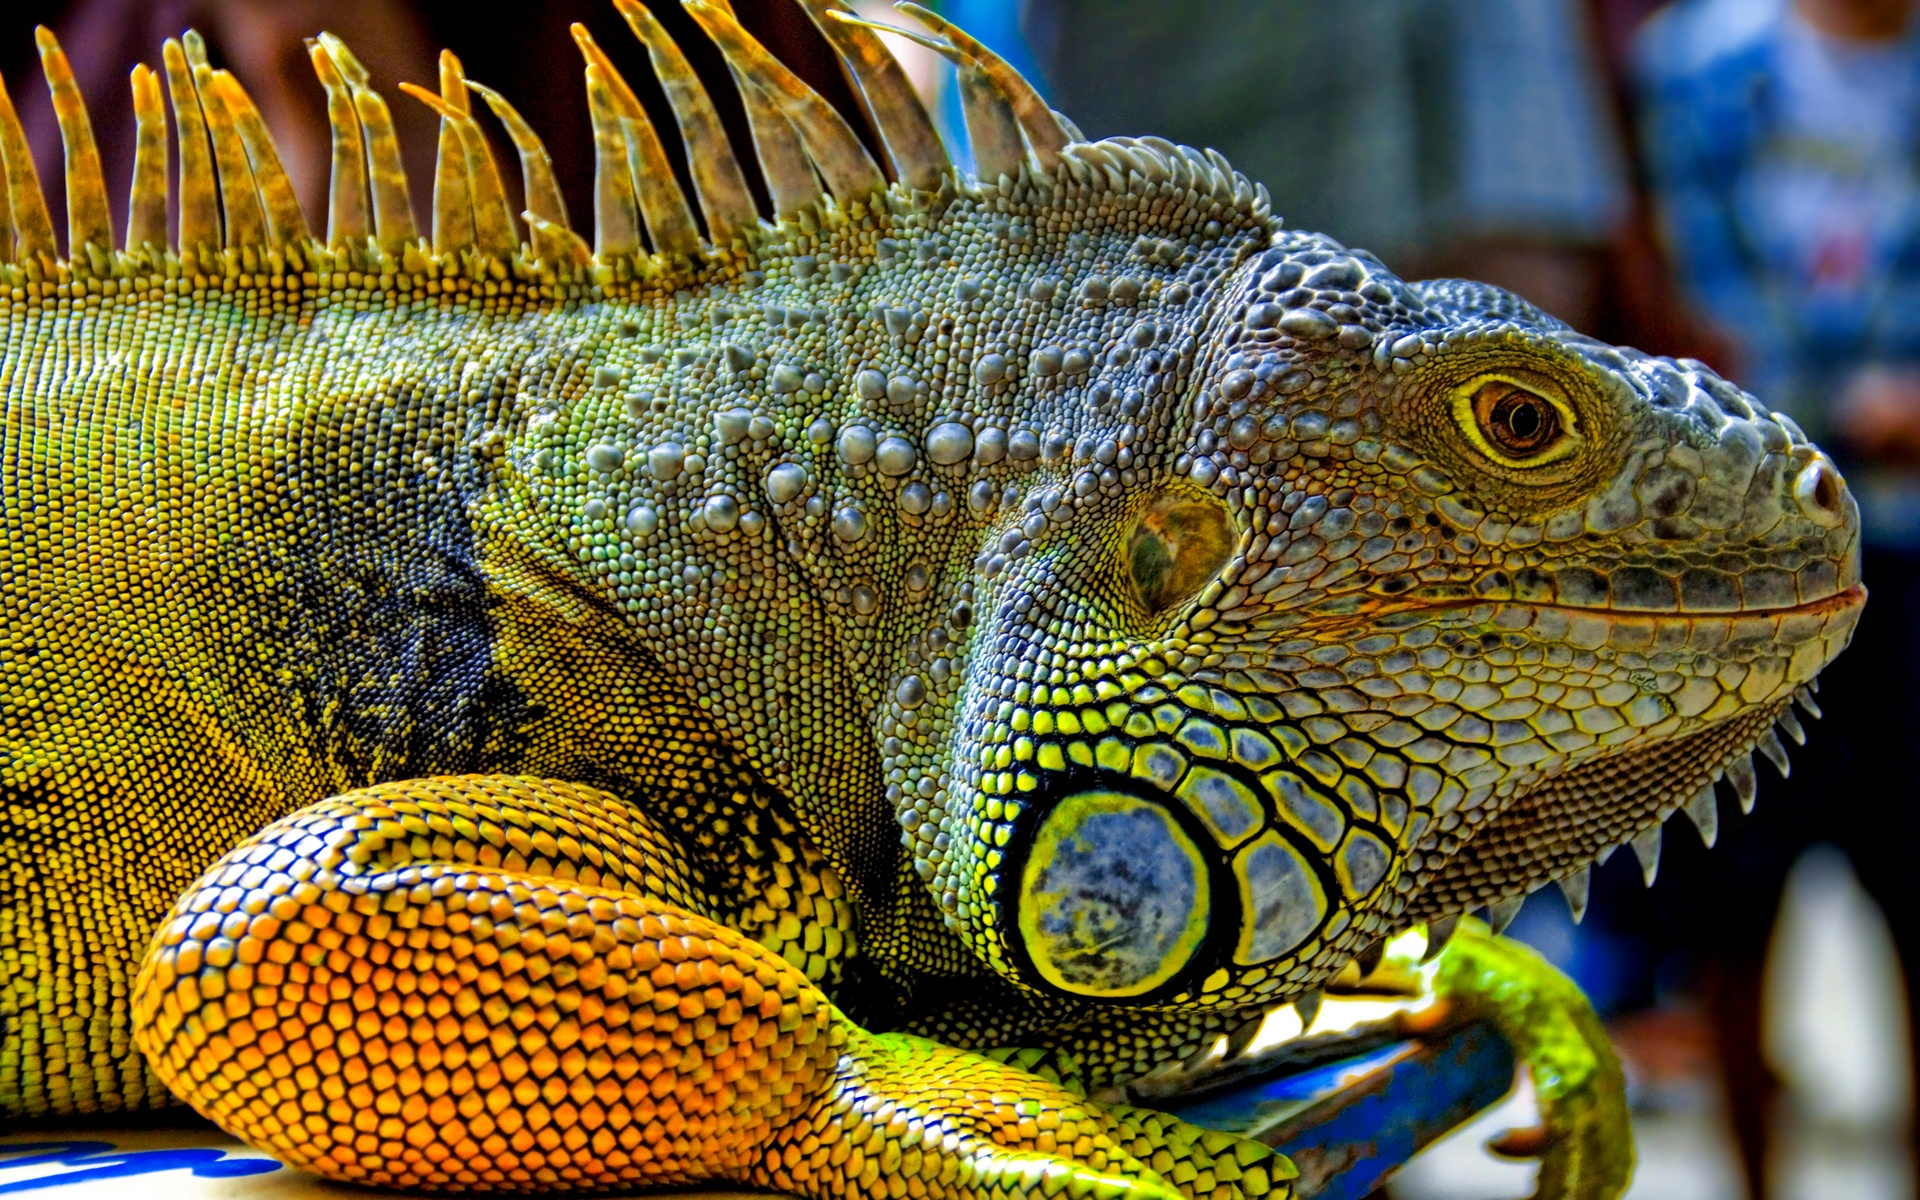 Una gran iguana verde - 1920x1200